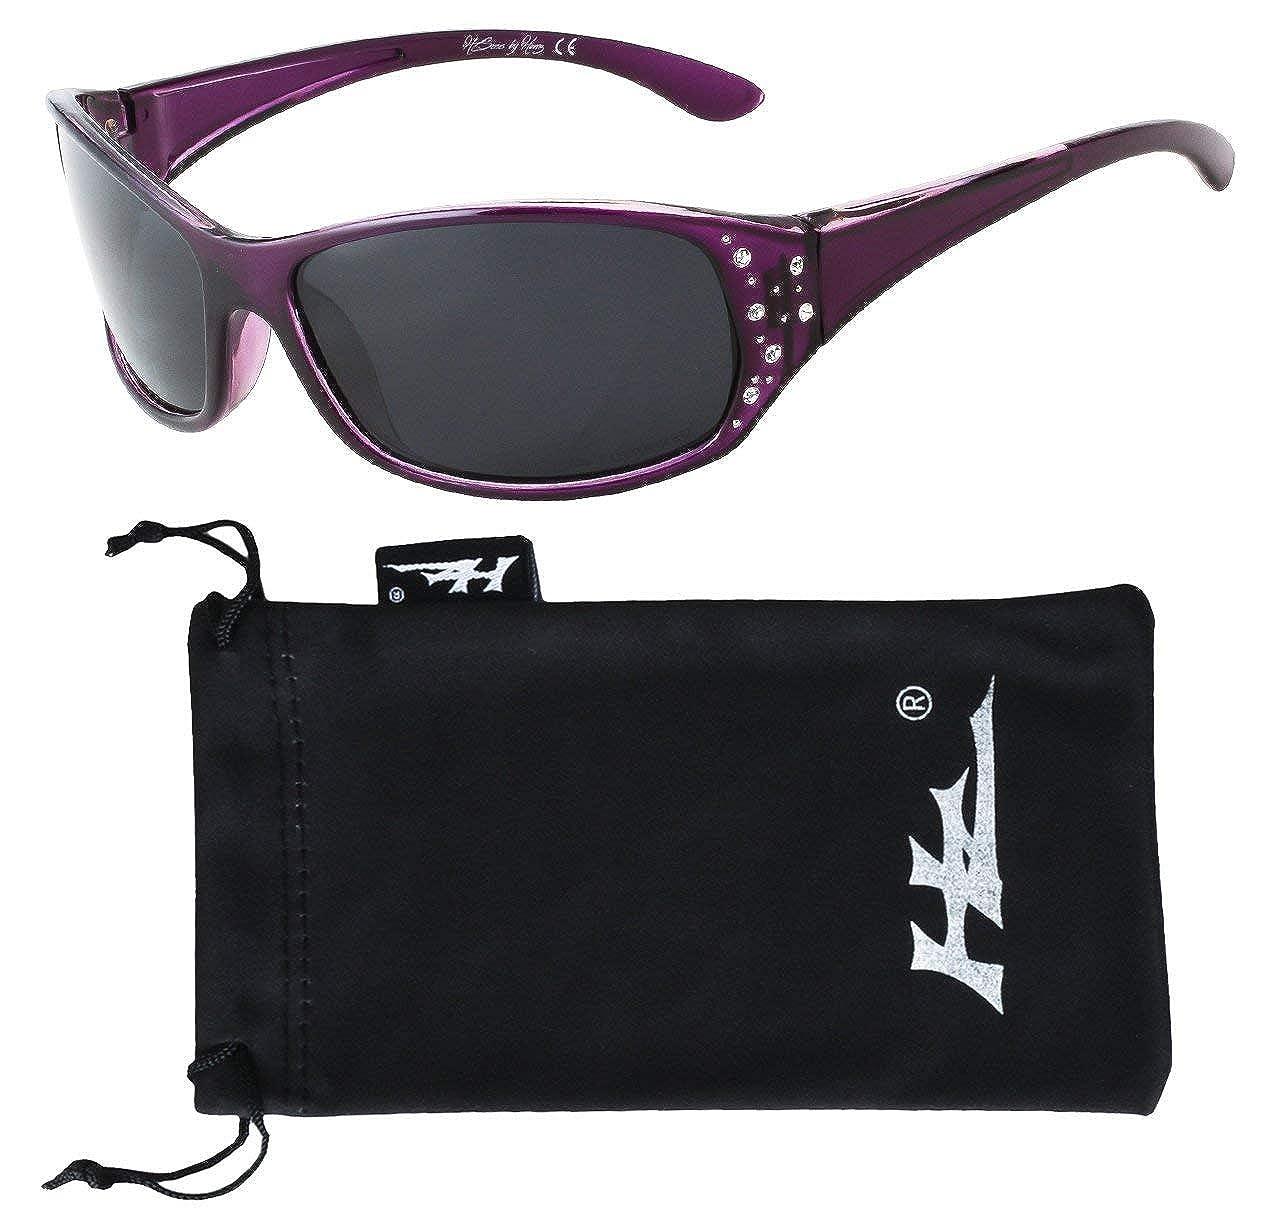 Amazon.com: Gafas de sol polarizadas para mujer - Gafas de ...